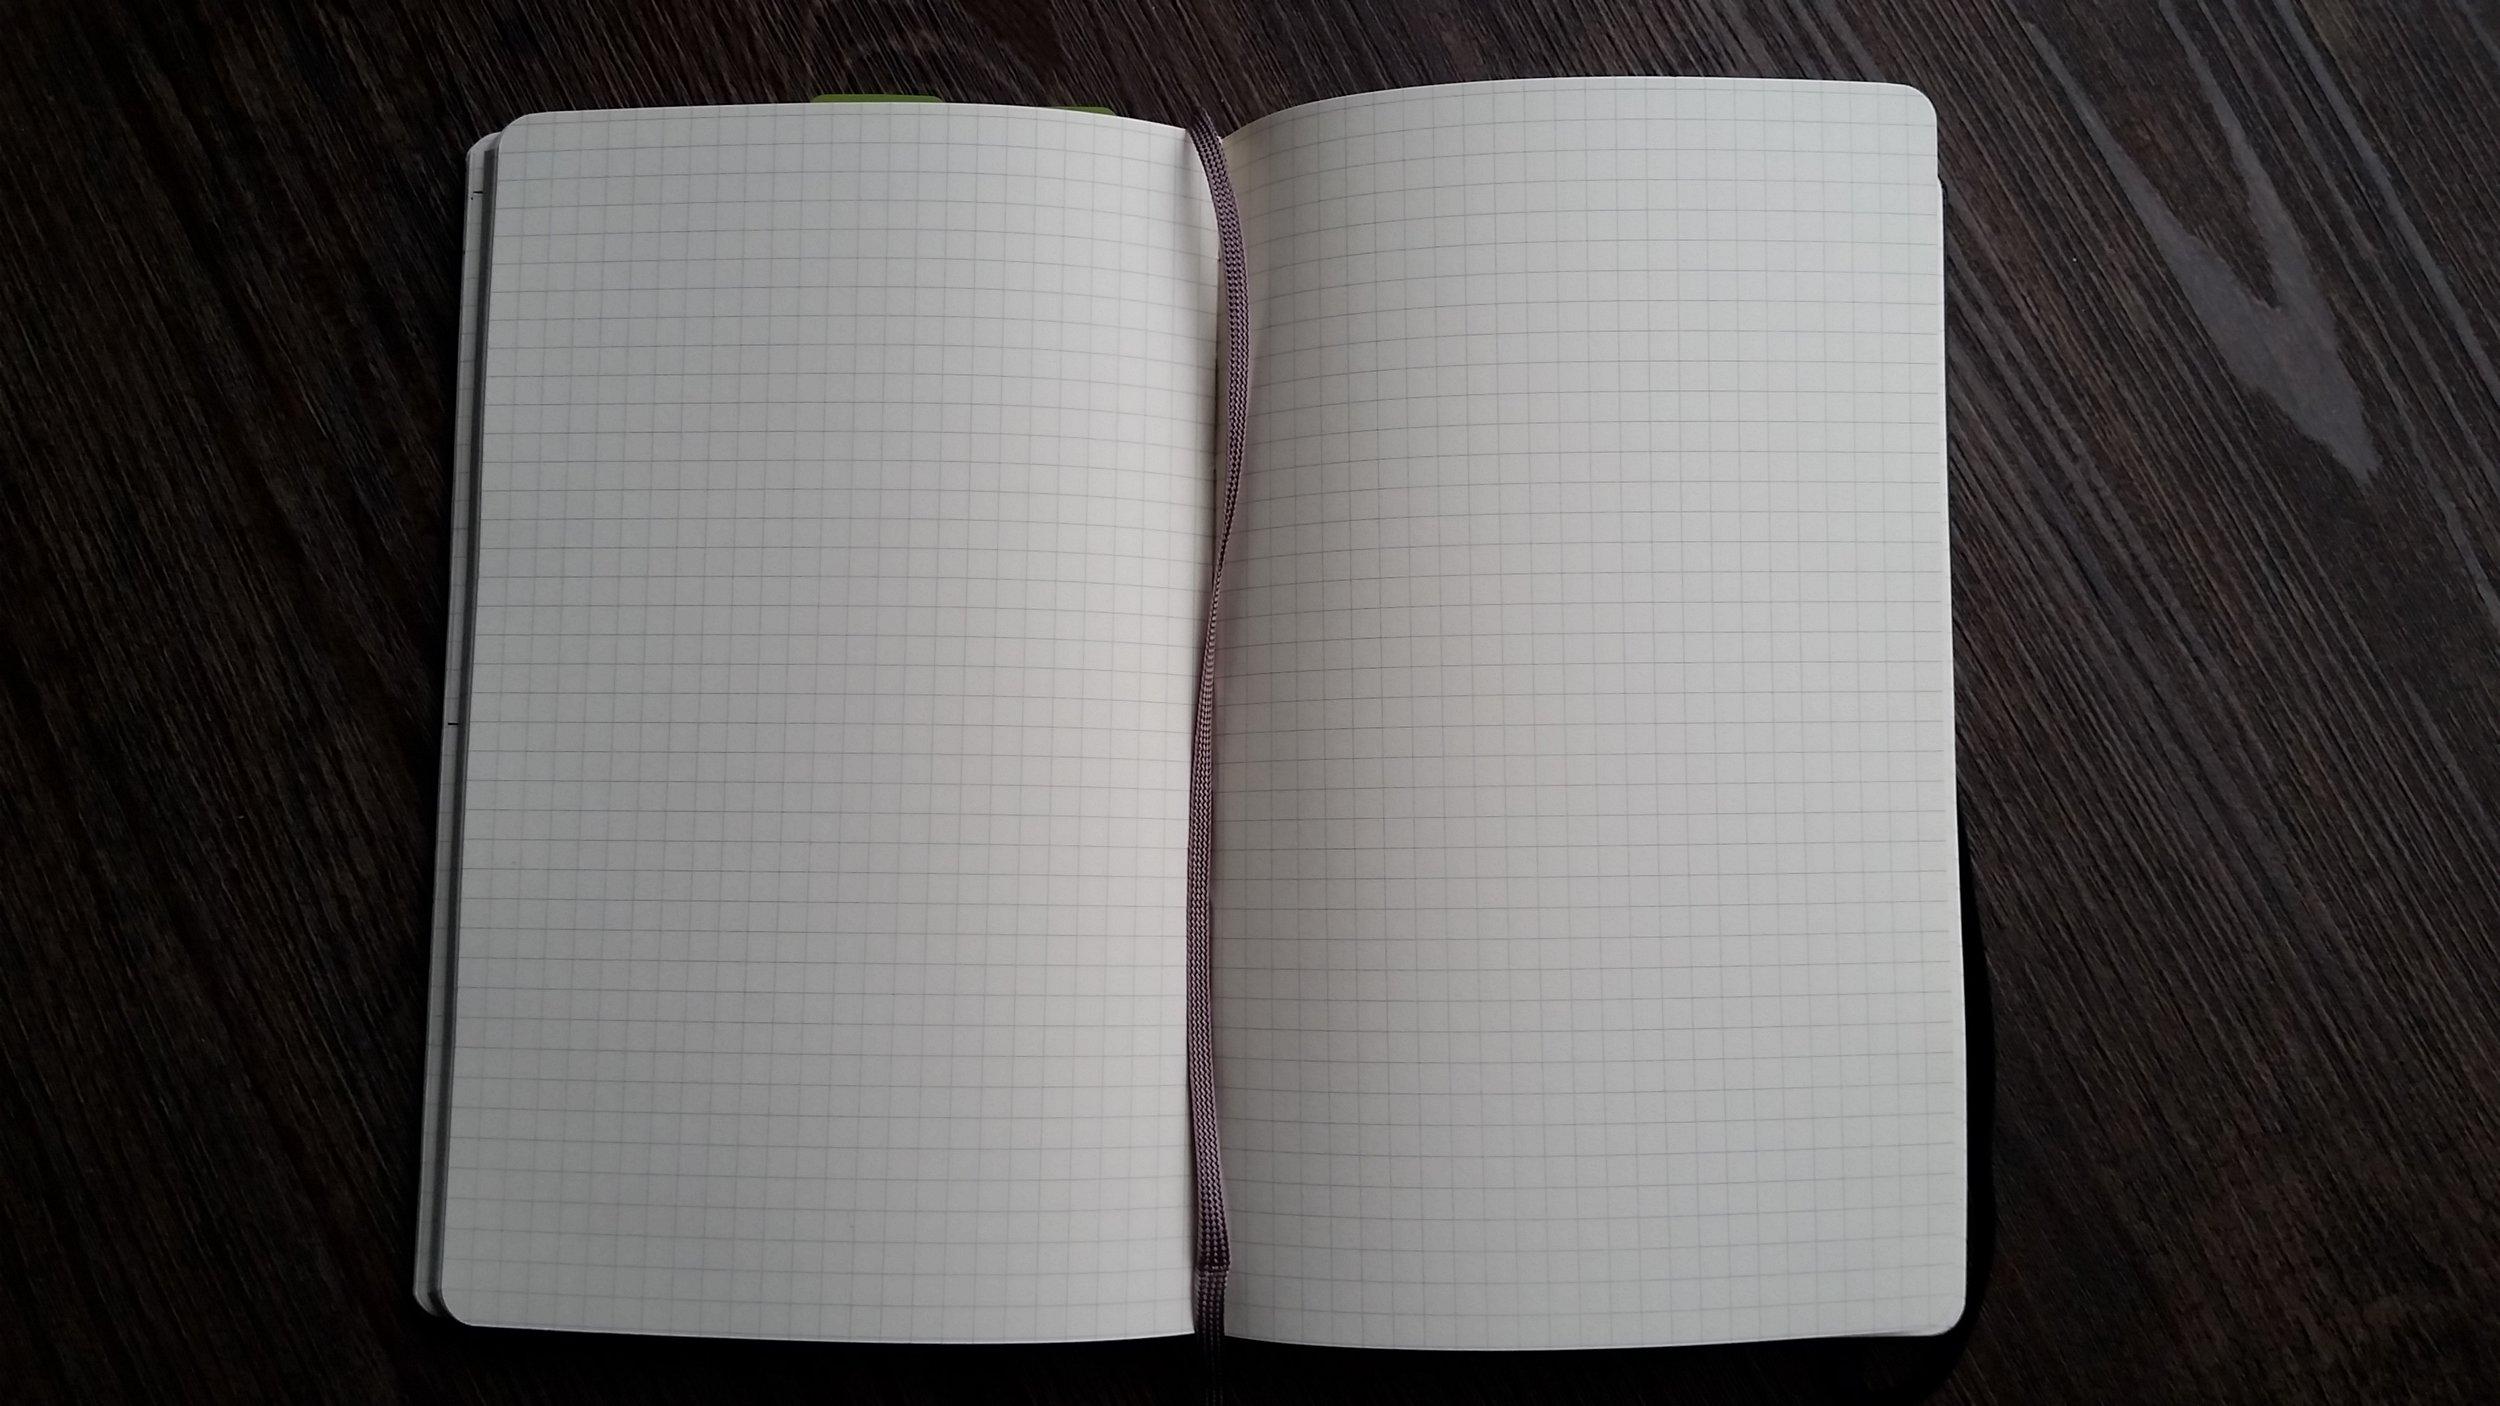 bullet-journal-open.jpg